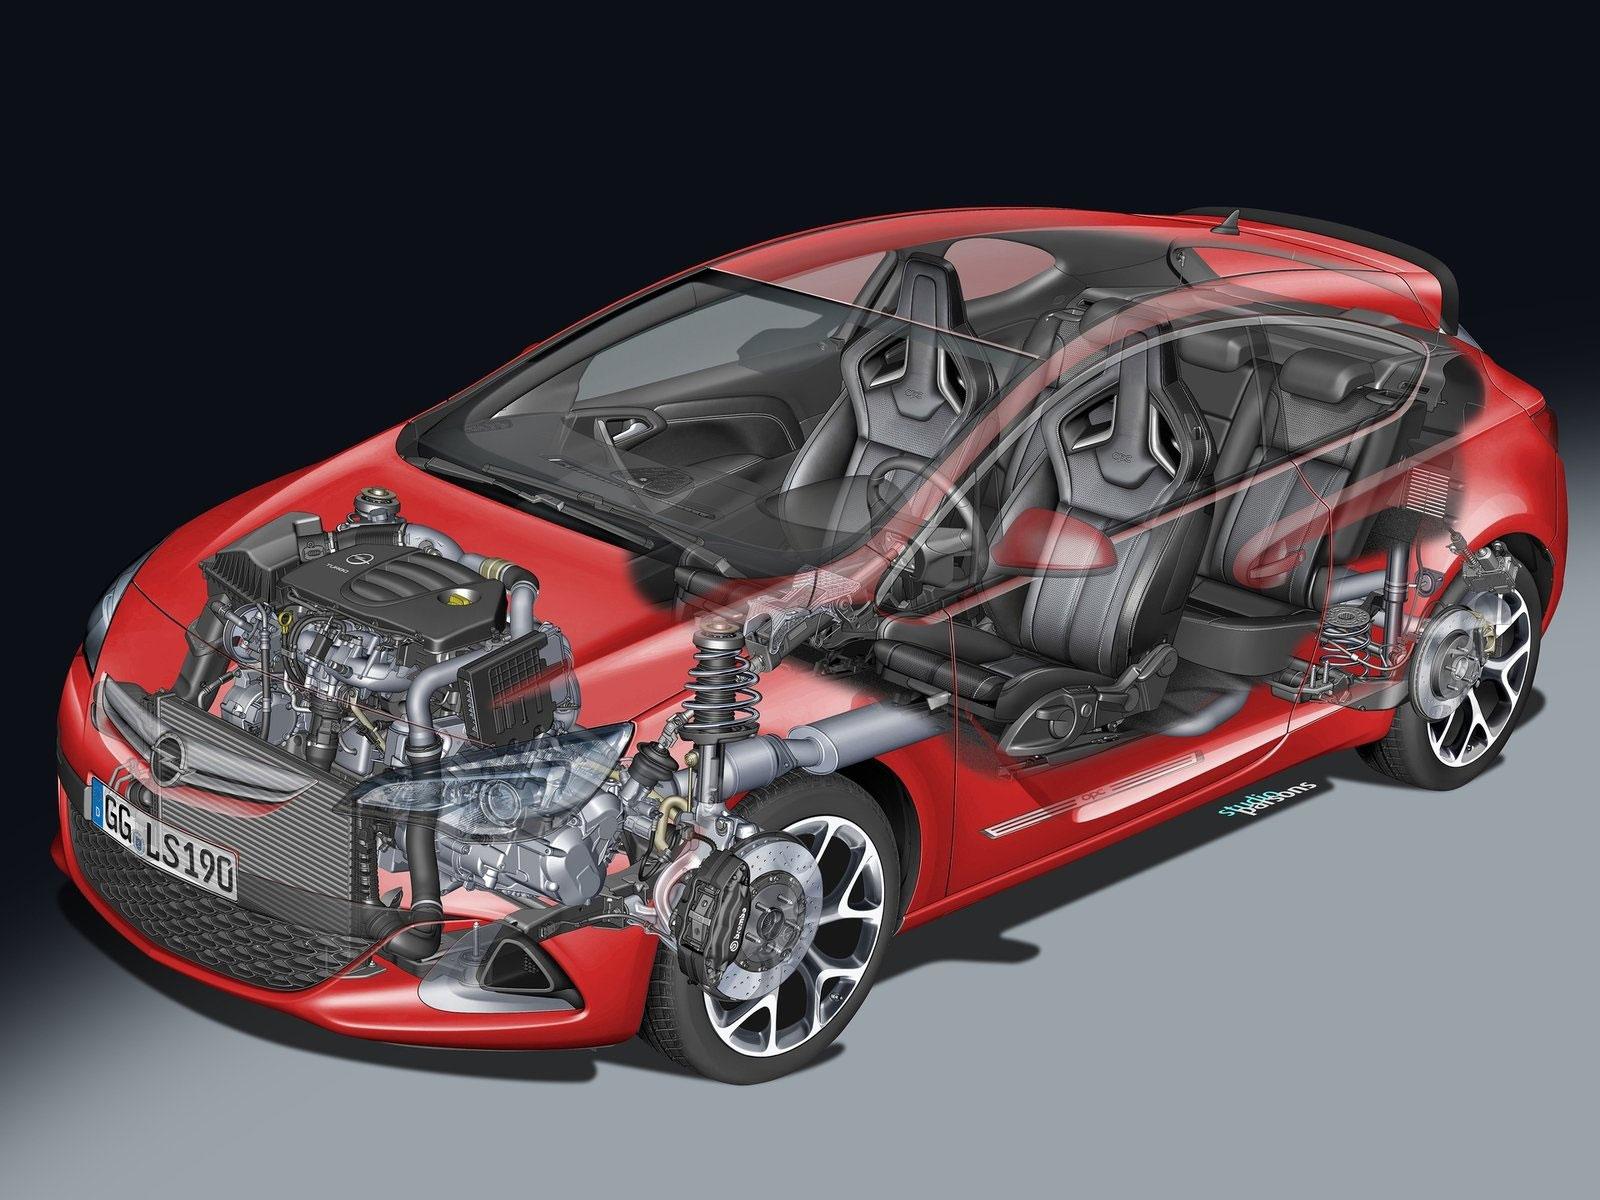 Opel Astra OPC 2013 cutaway drawing